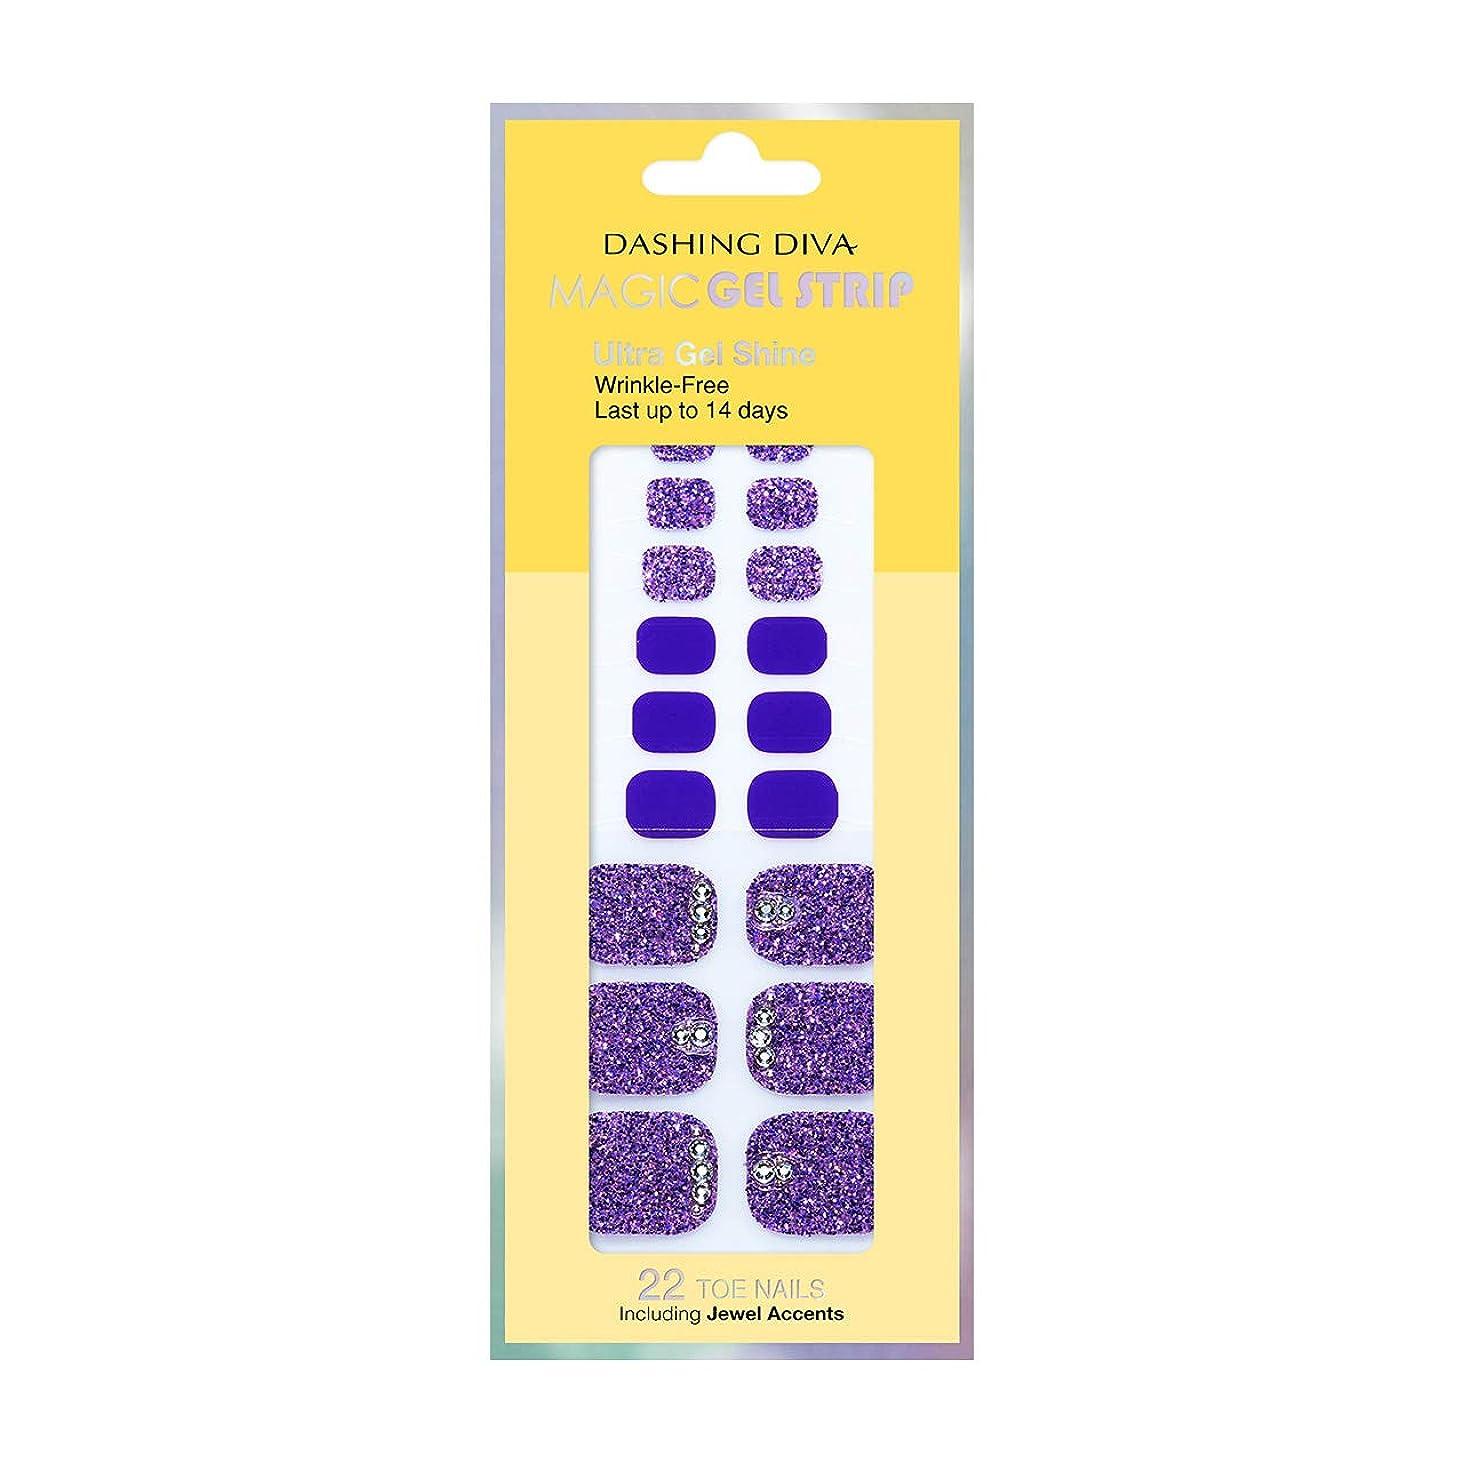 永遠のファイル木材ダッシングディバ マジックジェルストリップ DASHING DIVA Magic Gel Strip DGST77P-DURY+ オリジナルジェル ネイルシール Bling-jewel Sparkle Purple